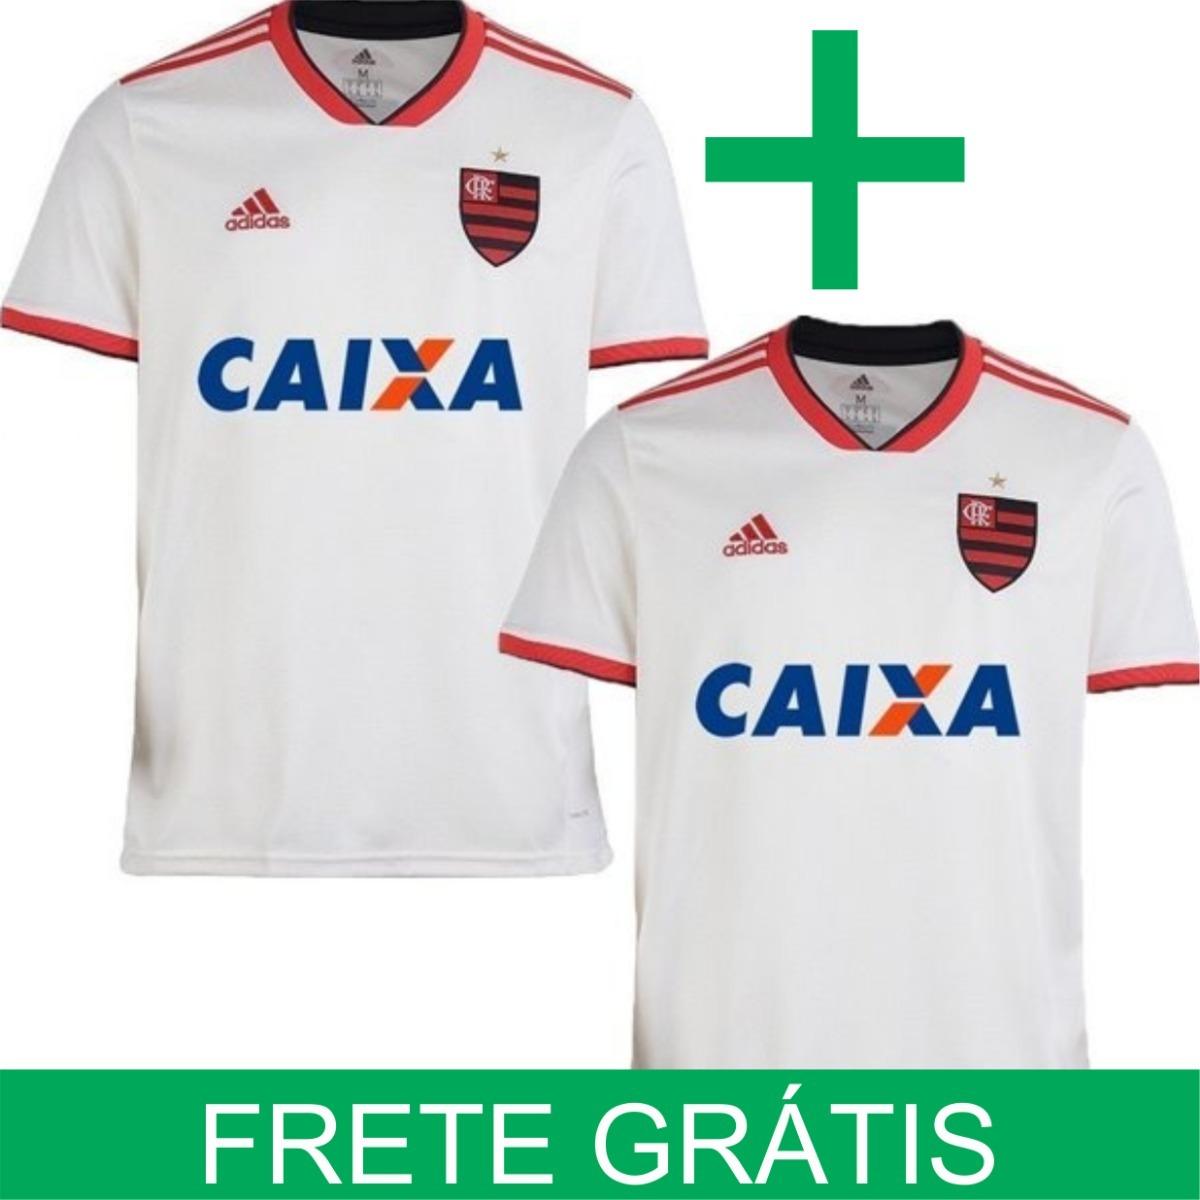 16b798e10c Kit 2 Camisas Flamengo adidas 2018 - Frete Grátis Cor Branco - R ...